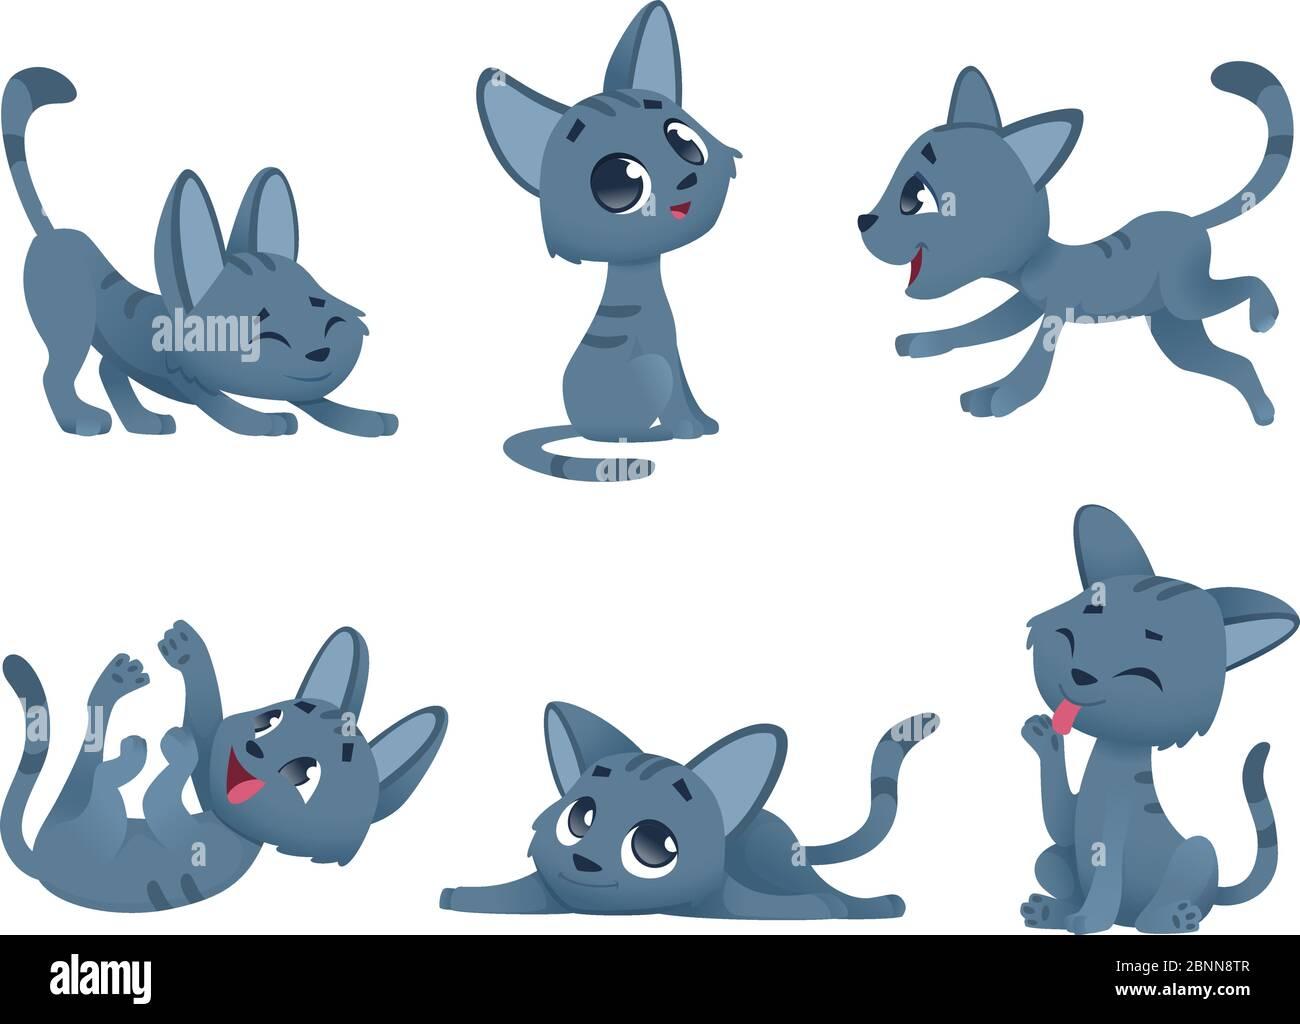 Petits chatons. Chats domestiques mignon et drôle petits animaux de bébé jouant souriant personnages vectoriels isolés Illustration de Vecteur